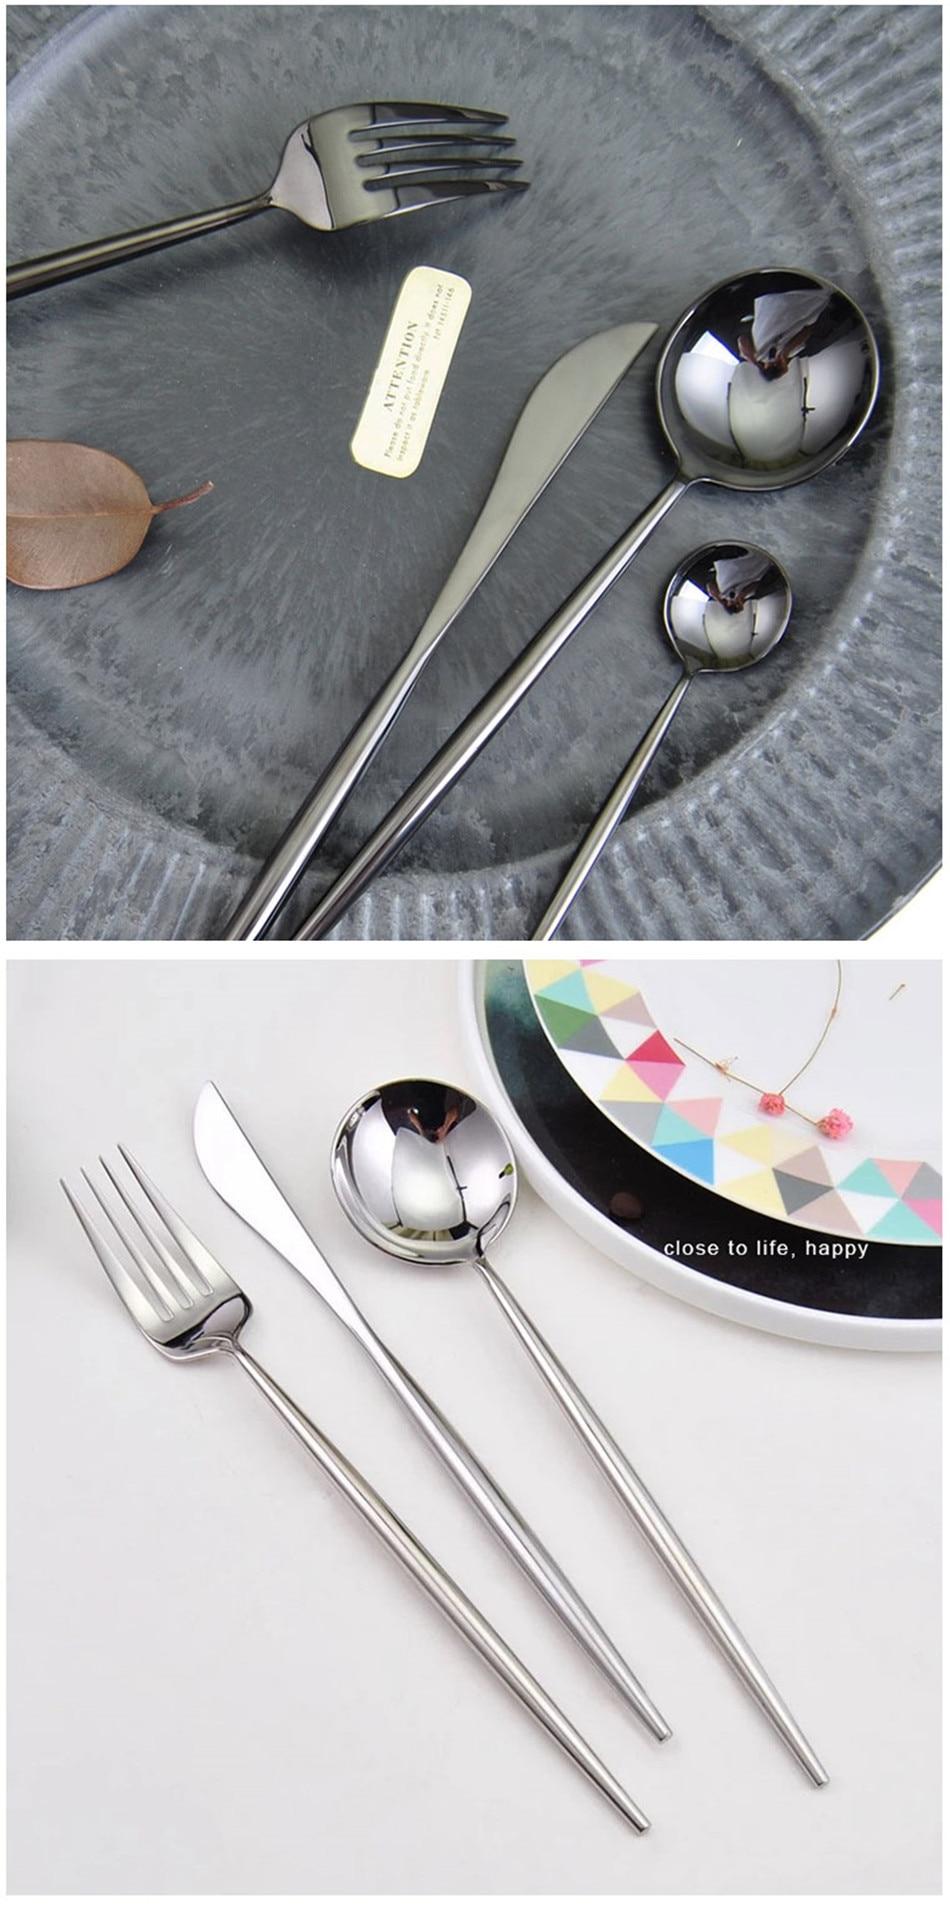 304 Stainless Steel Tableware Set Mirror Shining Rose Gold European Western Food Dinnerware Sets knife Forks Black Cutleries 4pc (7)